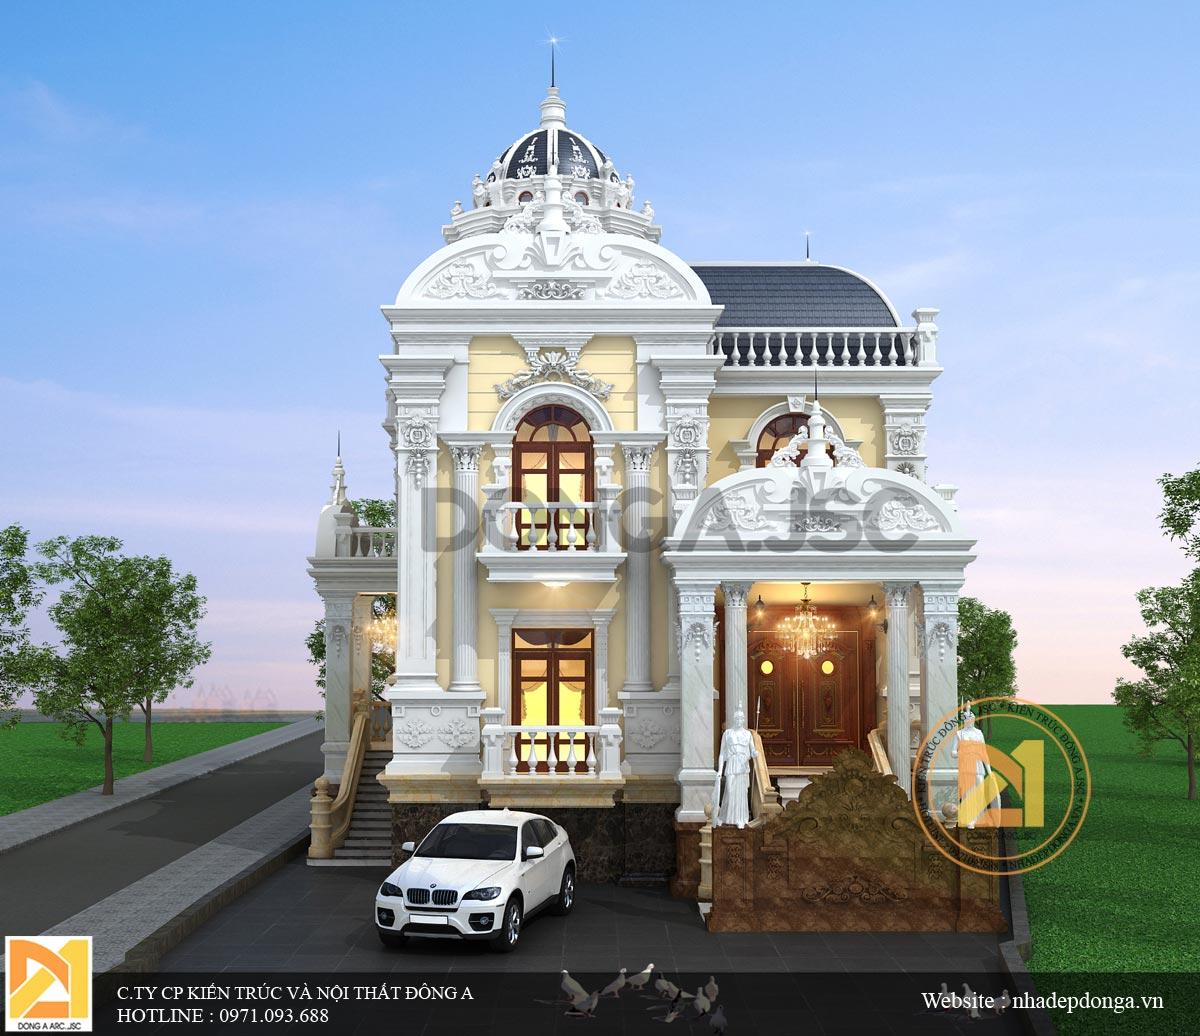 Biệt thự Pháp 2 tầng hoành tráng đẹp nhất Hà Tĩnh